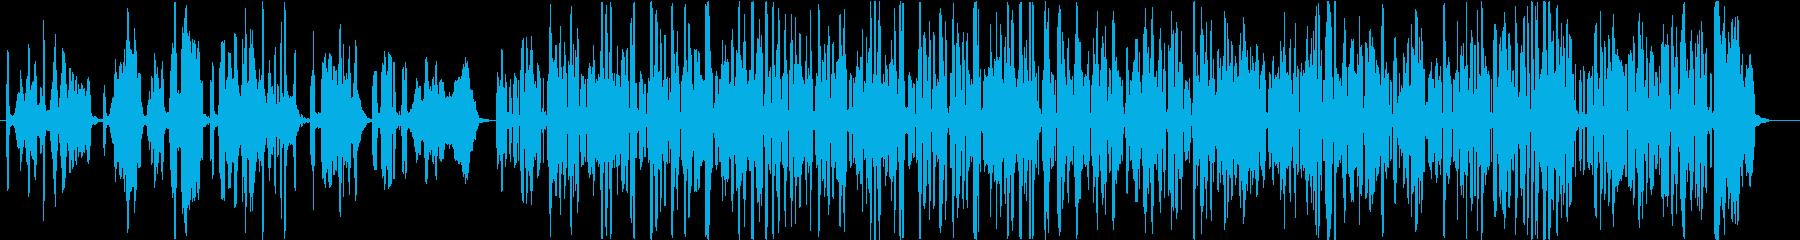 哀愁のパリ・コミカルなアコーディオンソロの再生済みの波形